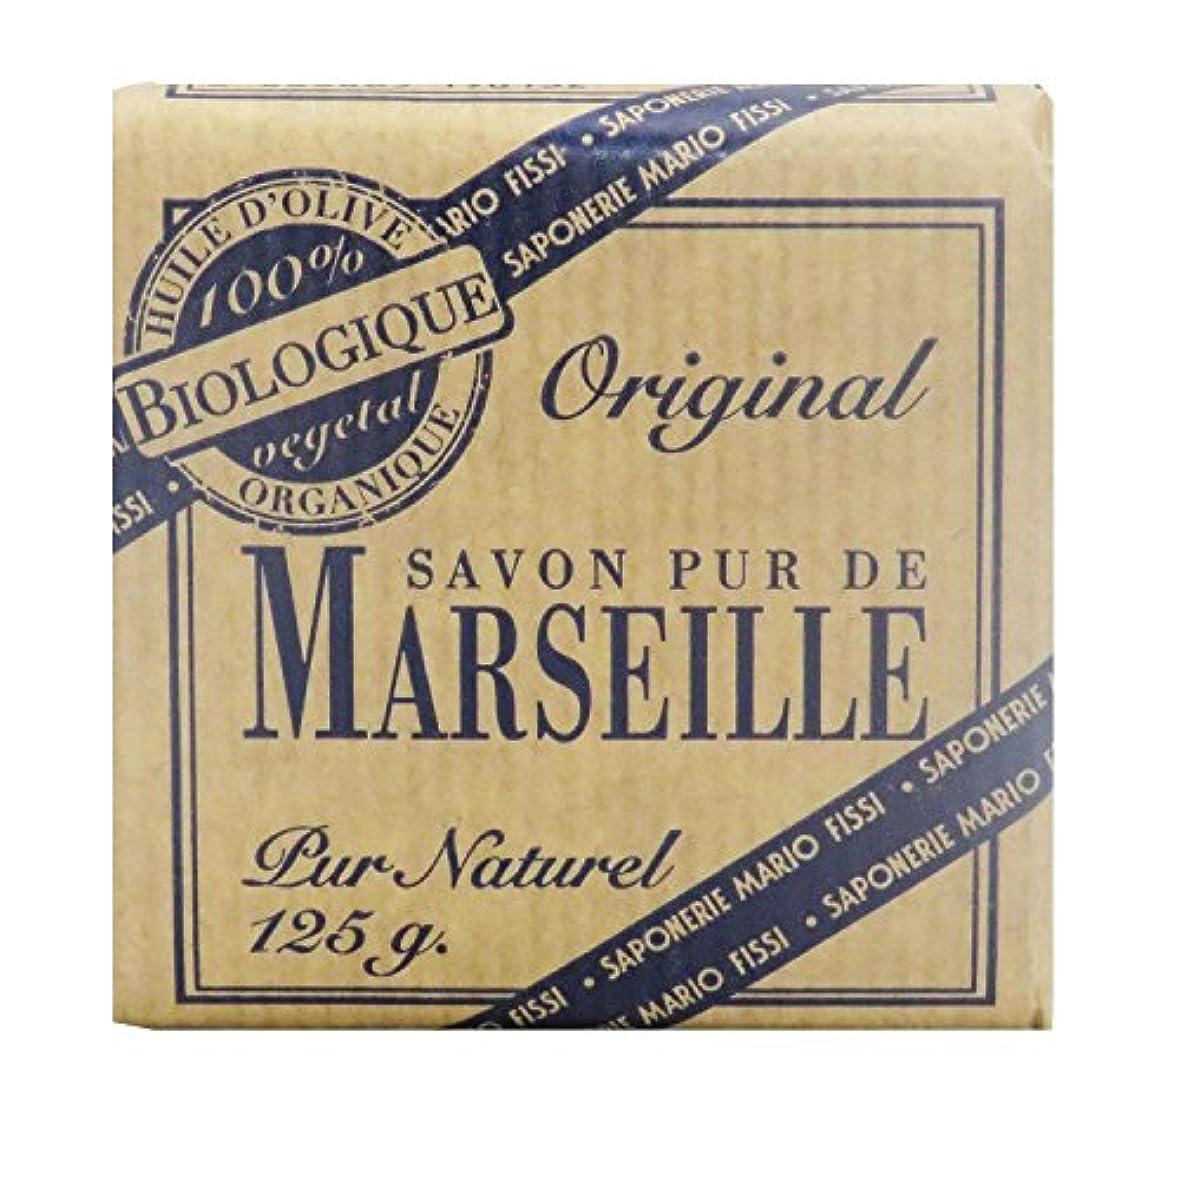 汚染祈るブランド名Saponerire Fissi マルセイユシリーズ マルセイユソープ 125g Original オリジナル